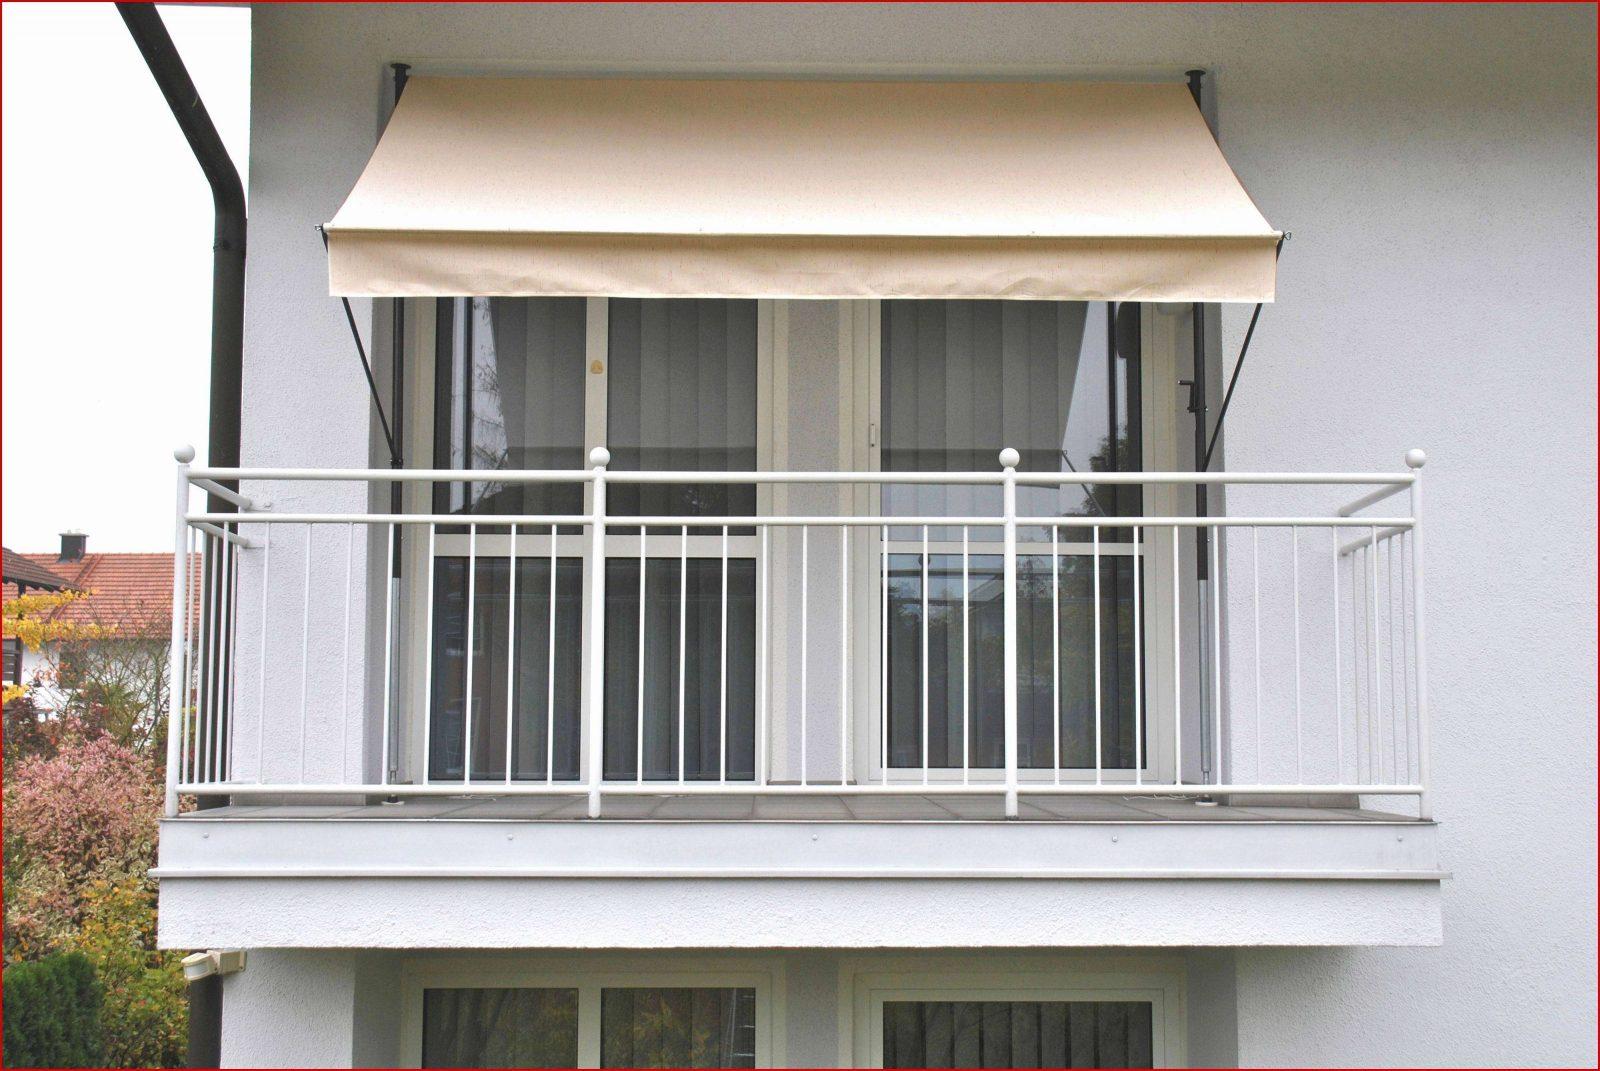 45 Einzigartig Seitenschutz Balkon Galerie Inspiration Von Balkon von Balkon Sichtschutz Fächer Ohne Bohren Photo